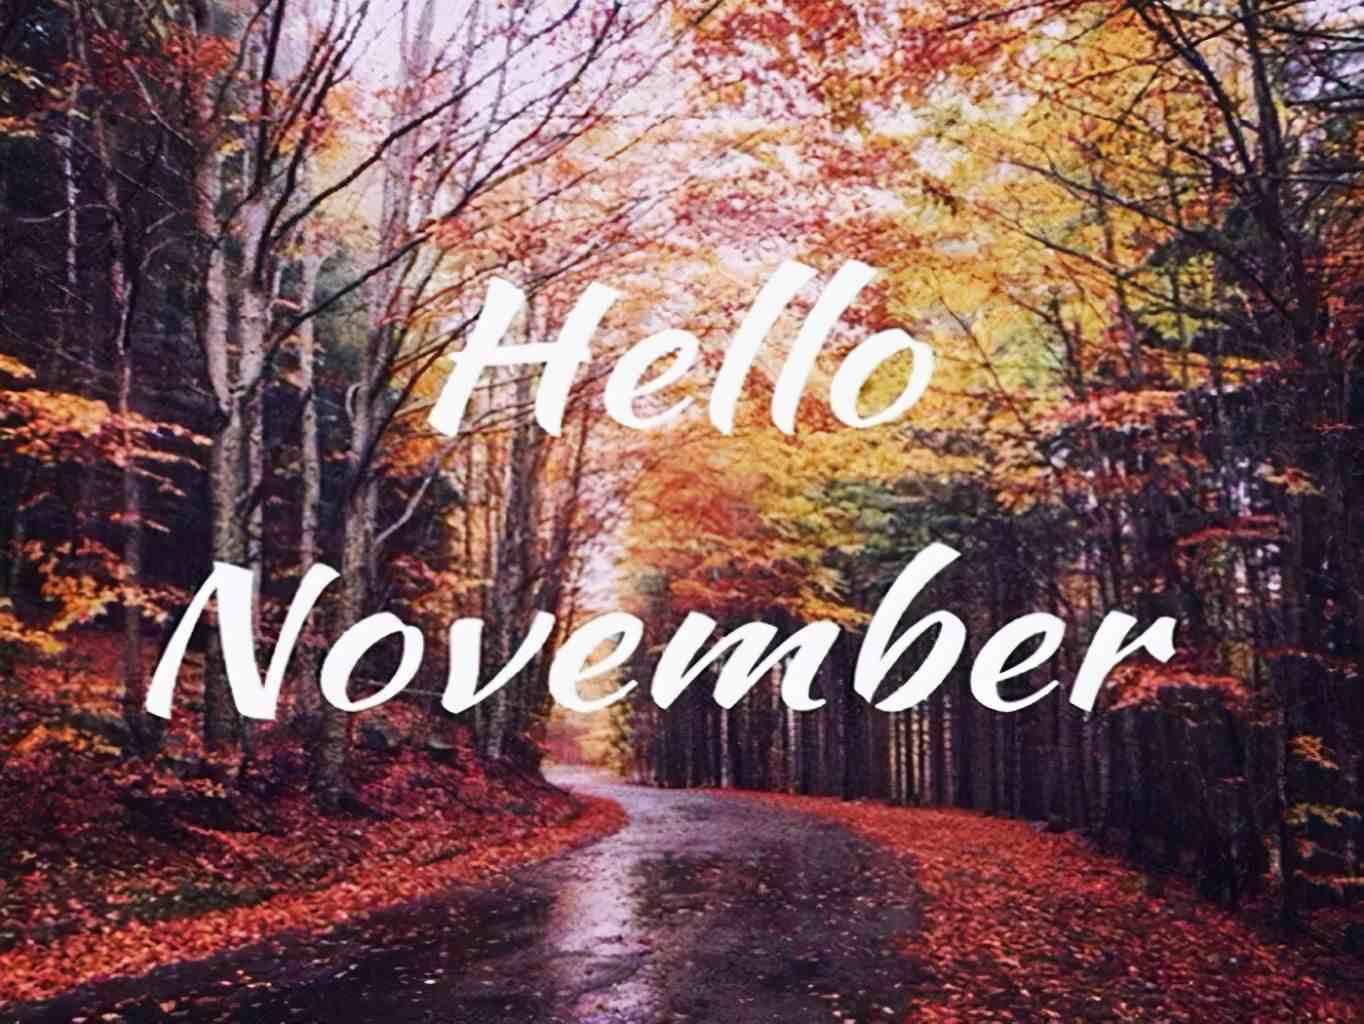 10月再见,11月你好朋友圈说说 2020十一月你好唯美句子